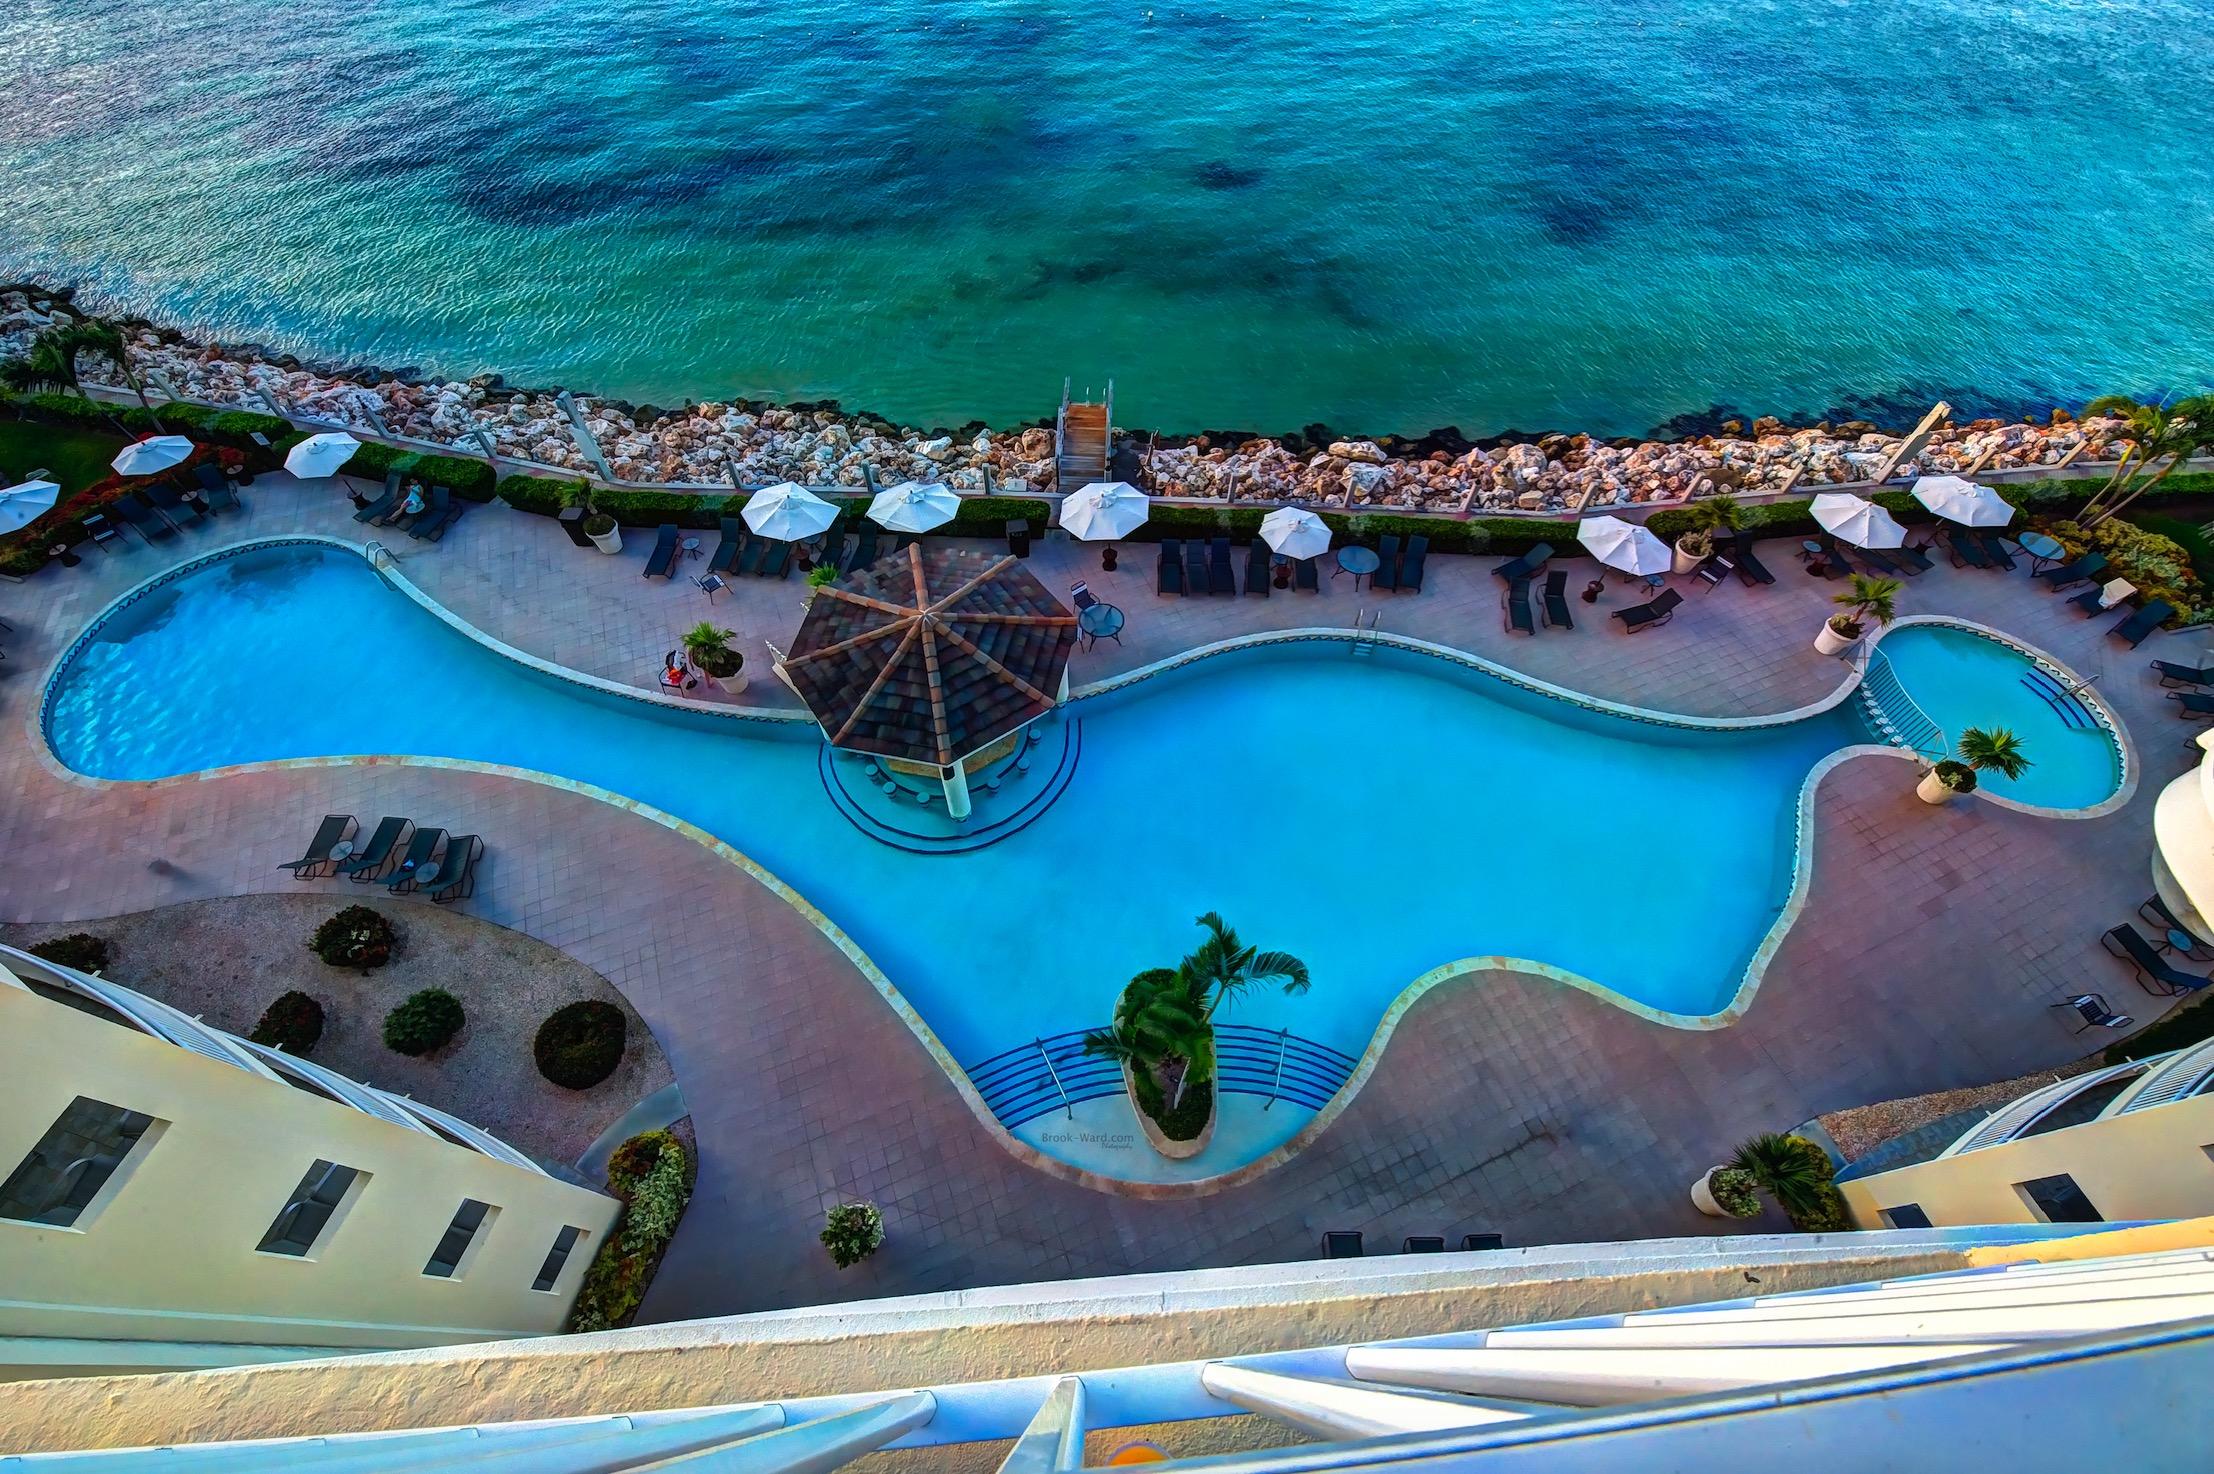 St. Maarten (Resort Pool)